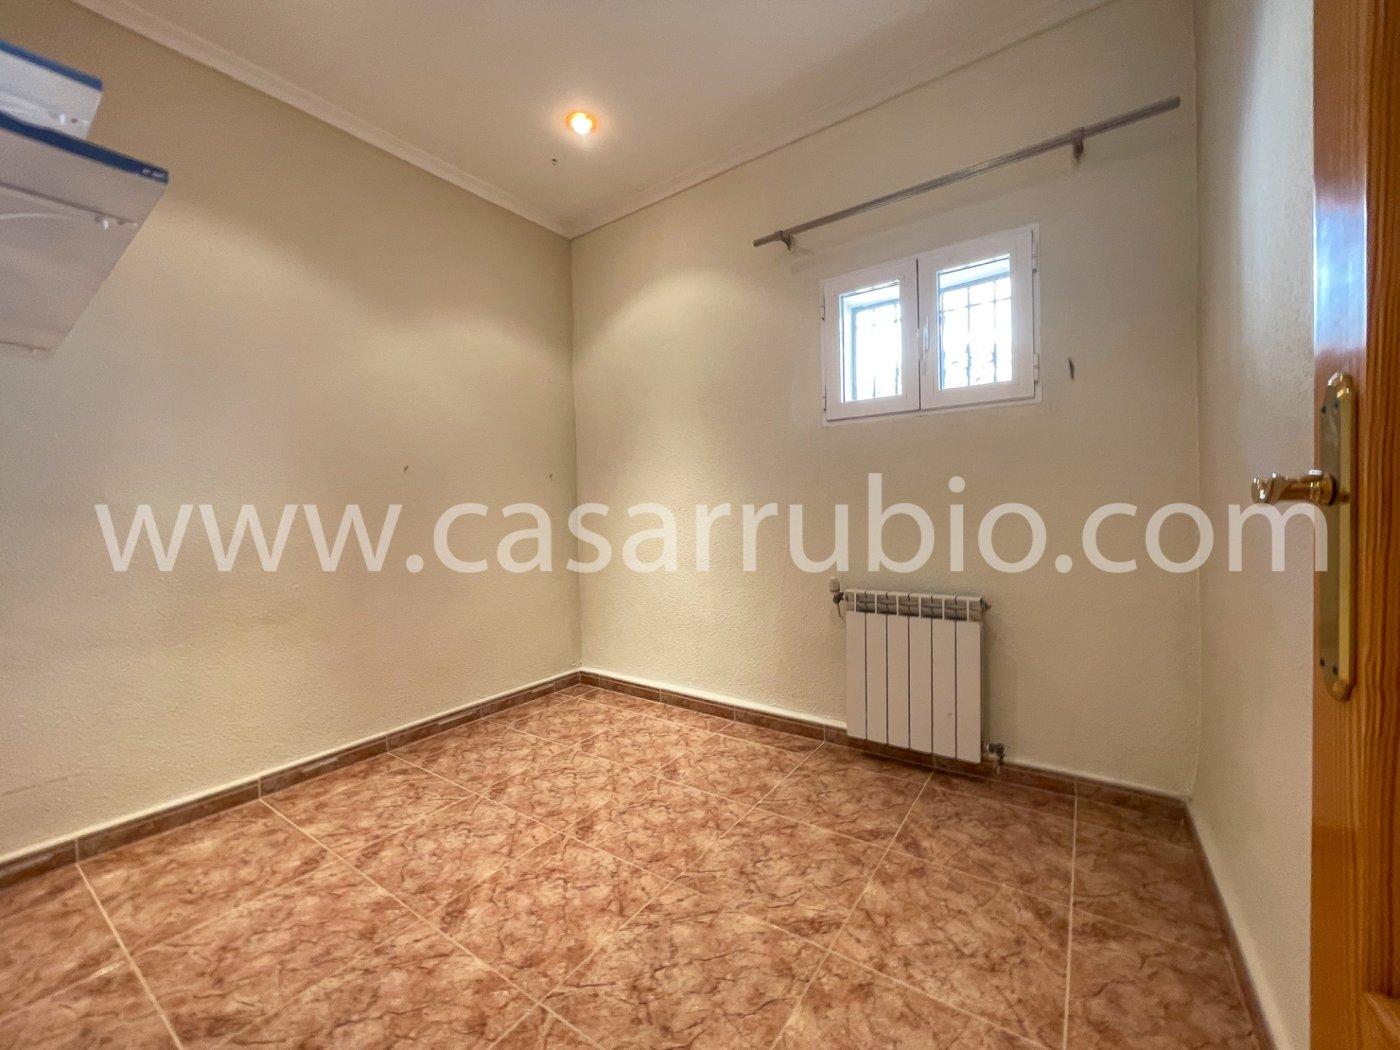 Estupenda casa reformada y con terraza en onil !! - imagenInmueble15